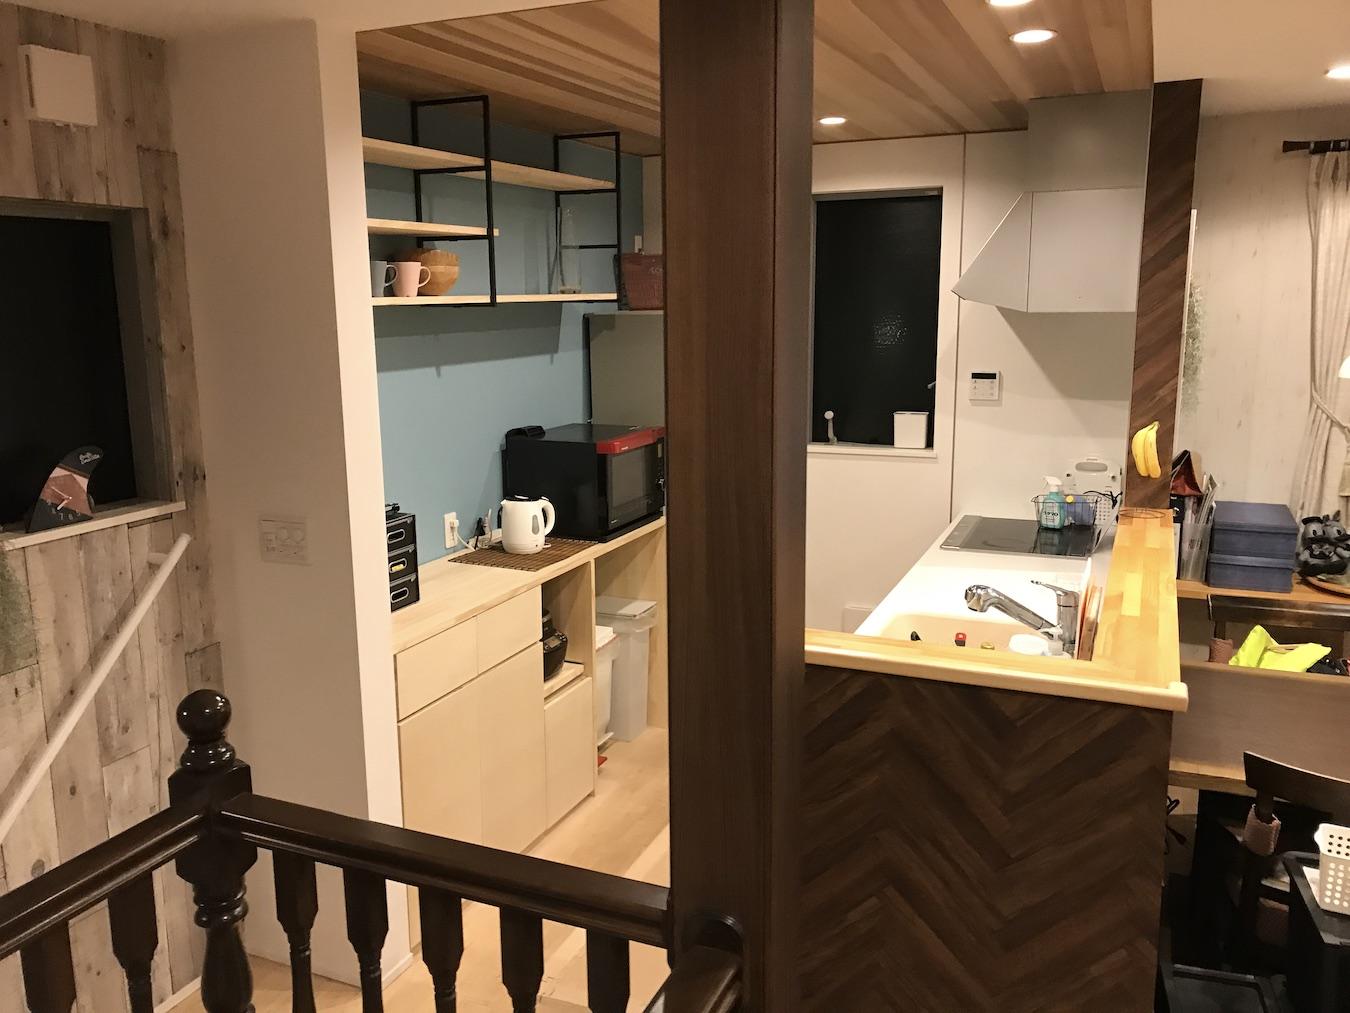 すっきりしたデザインの自作キッチン収納